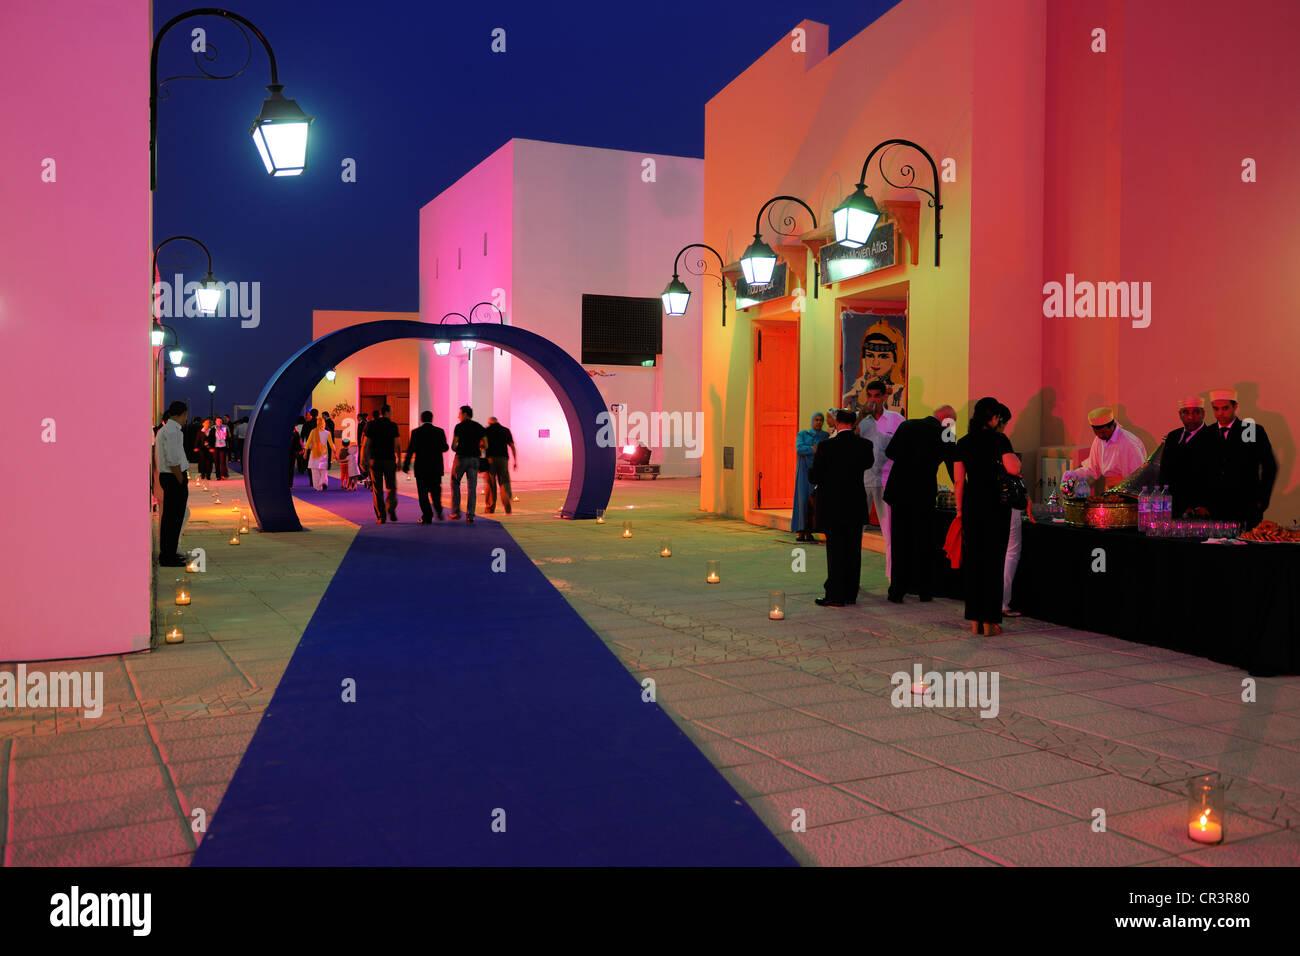 Saidia Photos & Saidia Images - Alamy